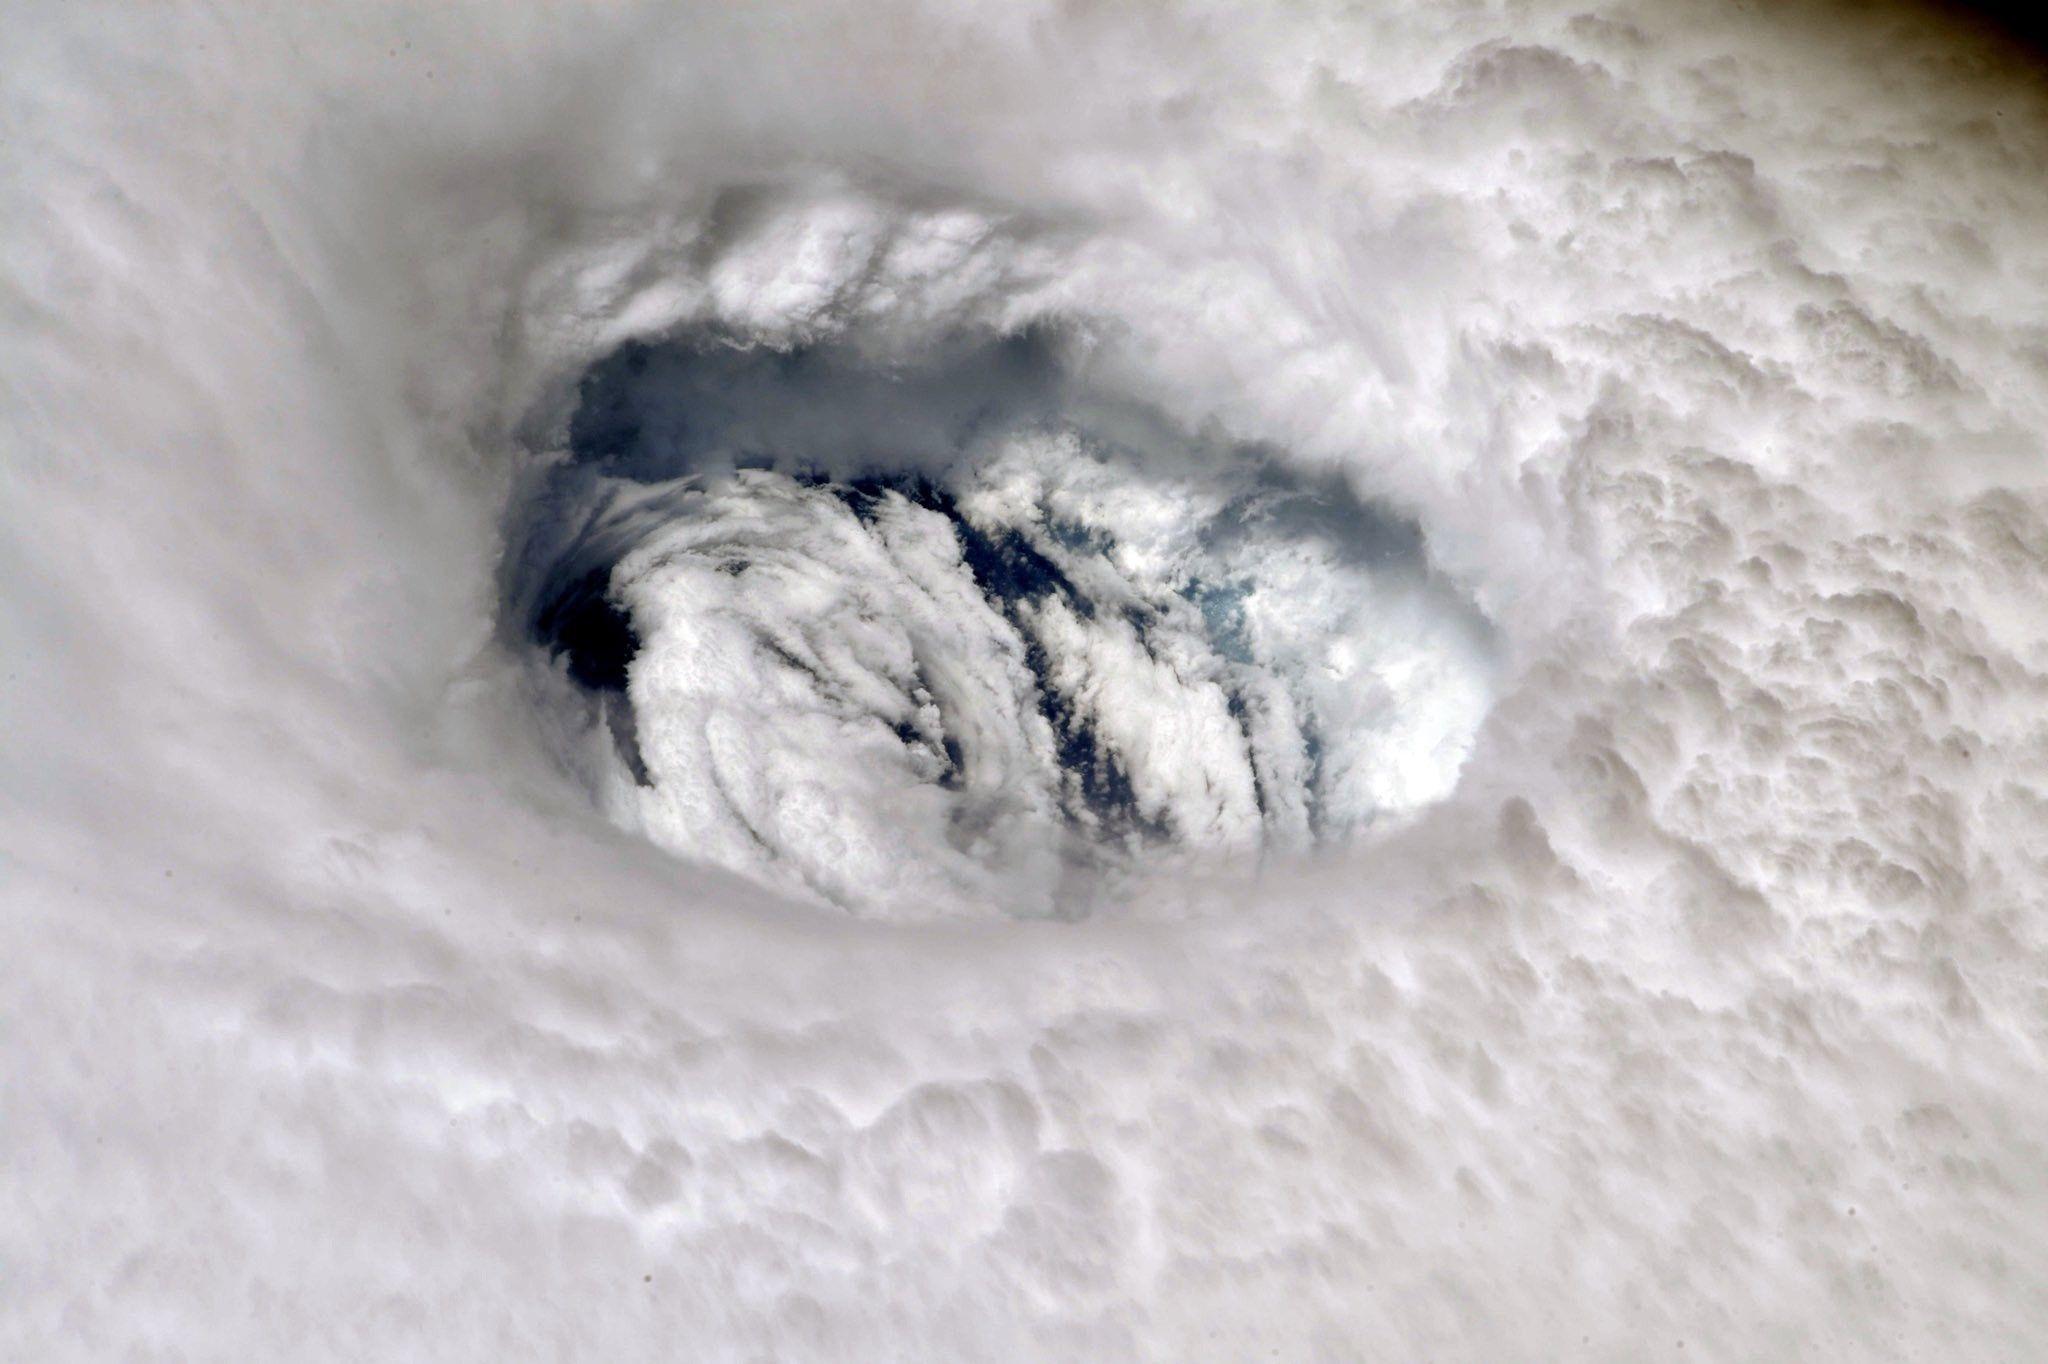 Como oceanos quentes potencializam furacões fatais | National Geographic